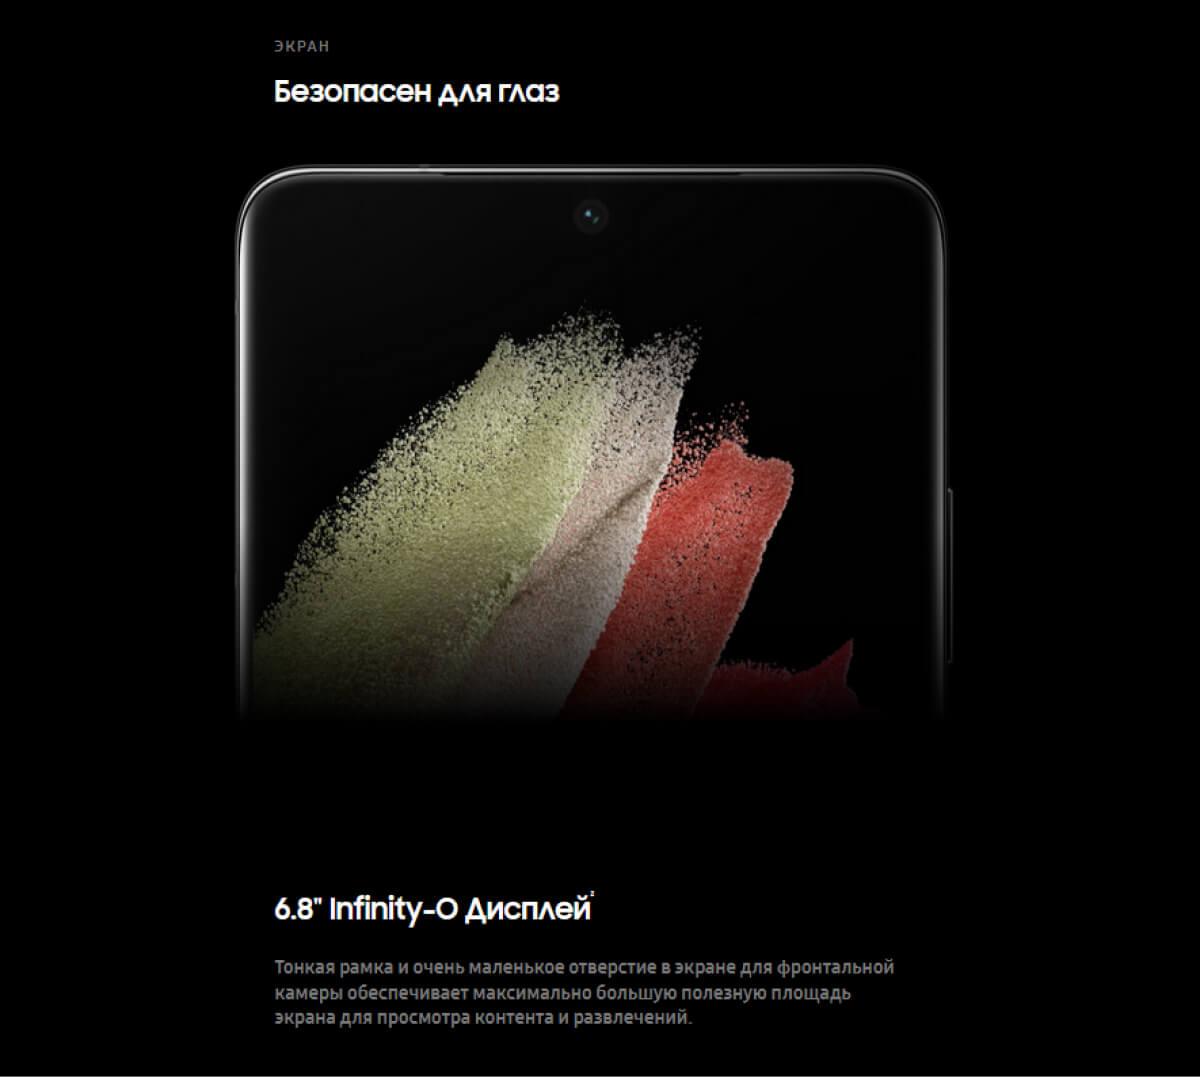 Samsung Galaxy S21 Ultra 5G Серебряный фантом